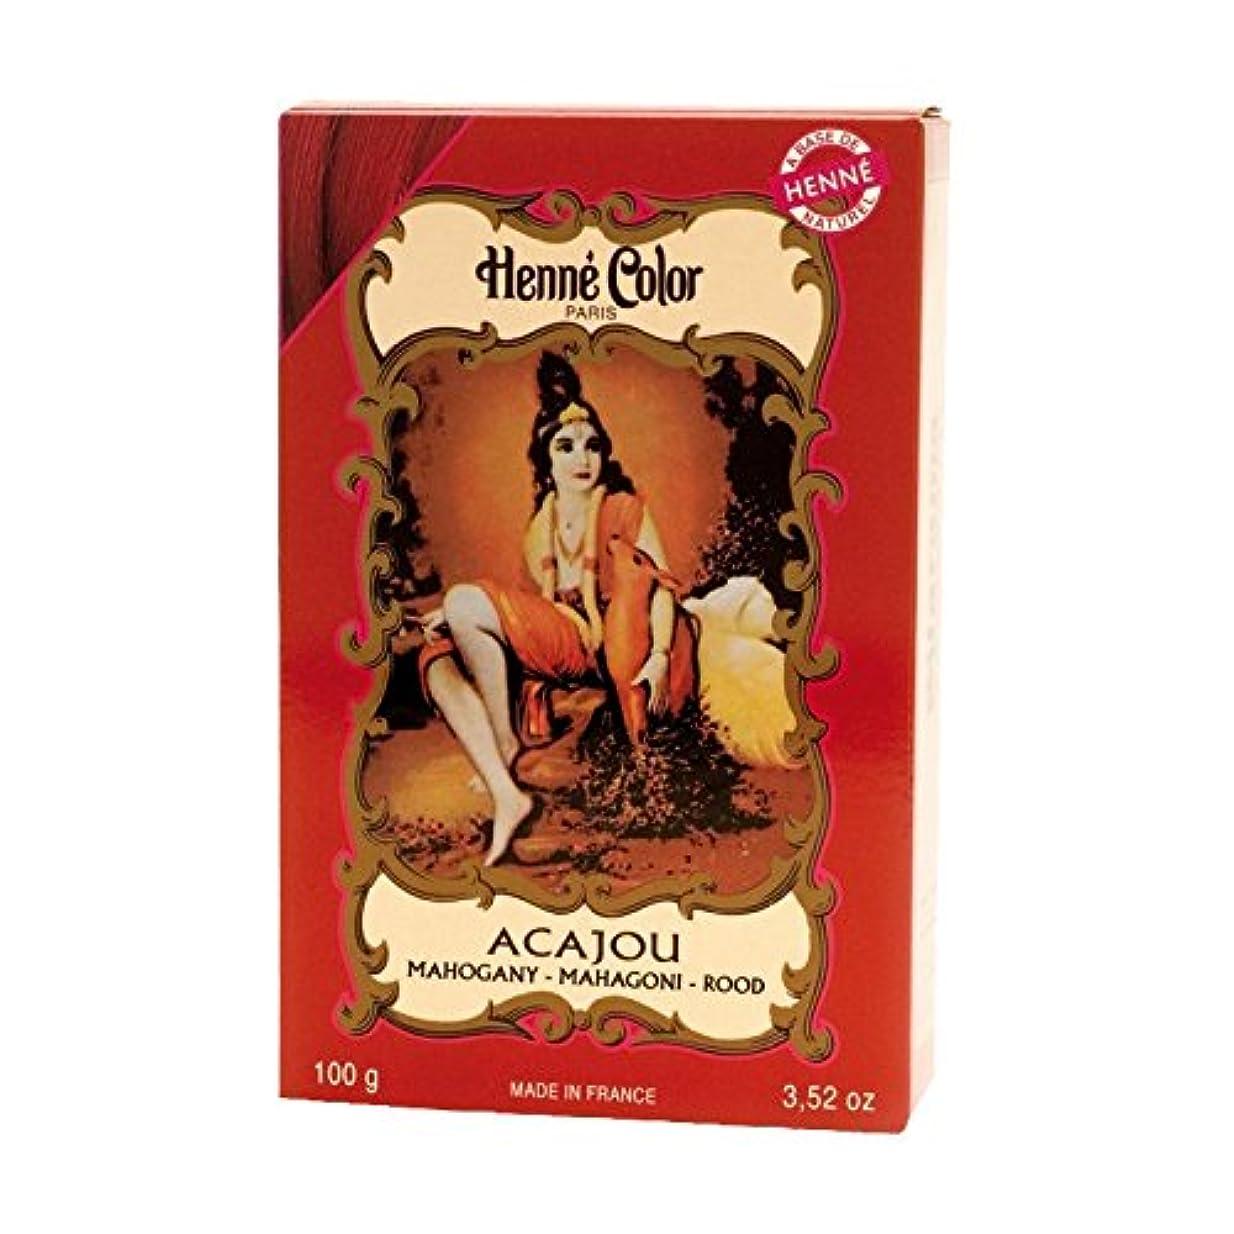 悲しいことに暖かさ確率ヘンカラーヘナパウダーヘアカラーマホガニー赤100グラム - Henne Color Henna Powder Hair Colour Mahogany Red 100g (Henne Color) [並行輸入品]